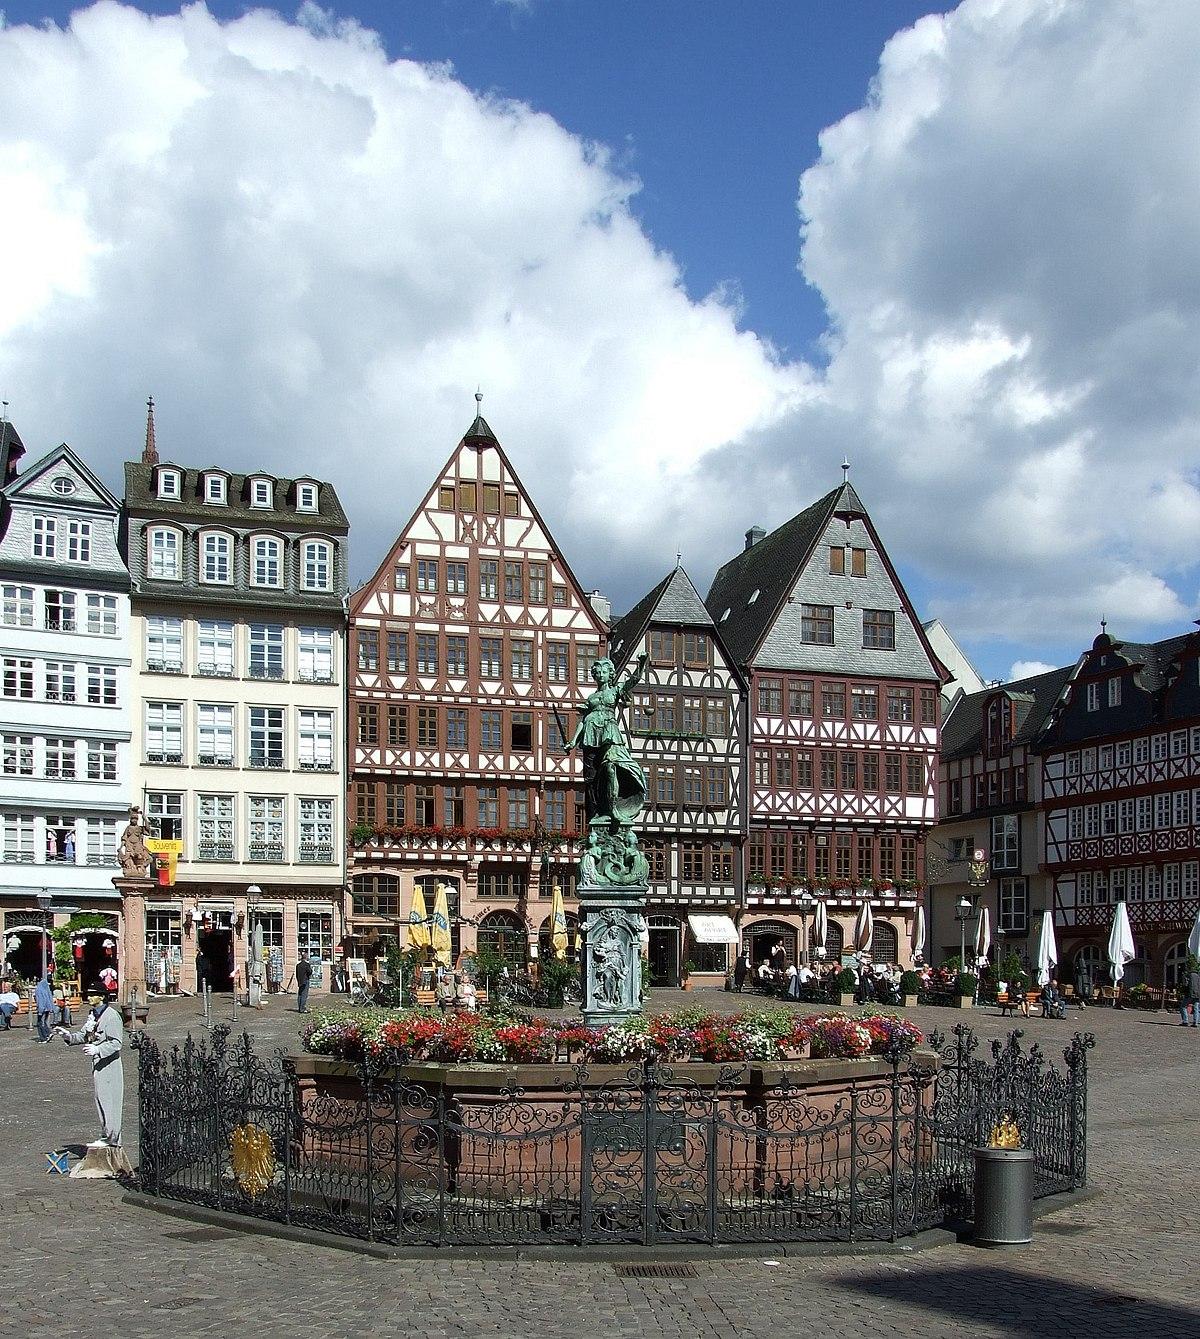 Gerechtigkeitsbrunnen frankfurt am main wikipedia for Innenarchitekt frankfurt am main